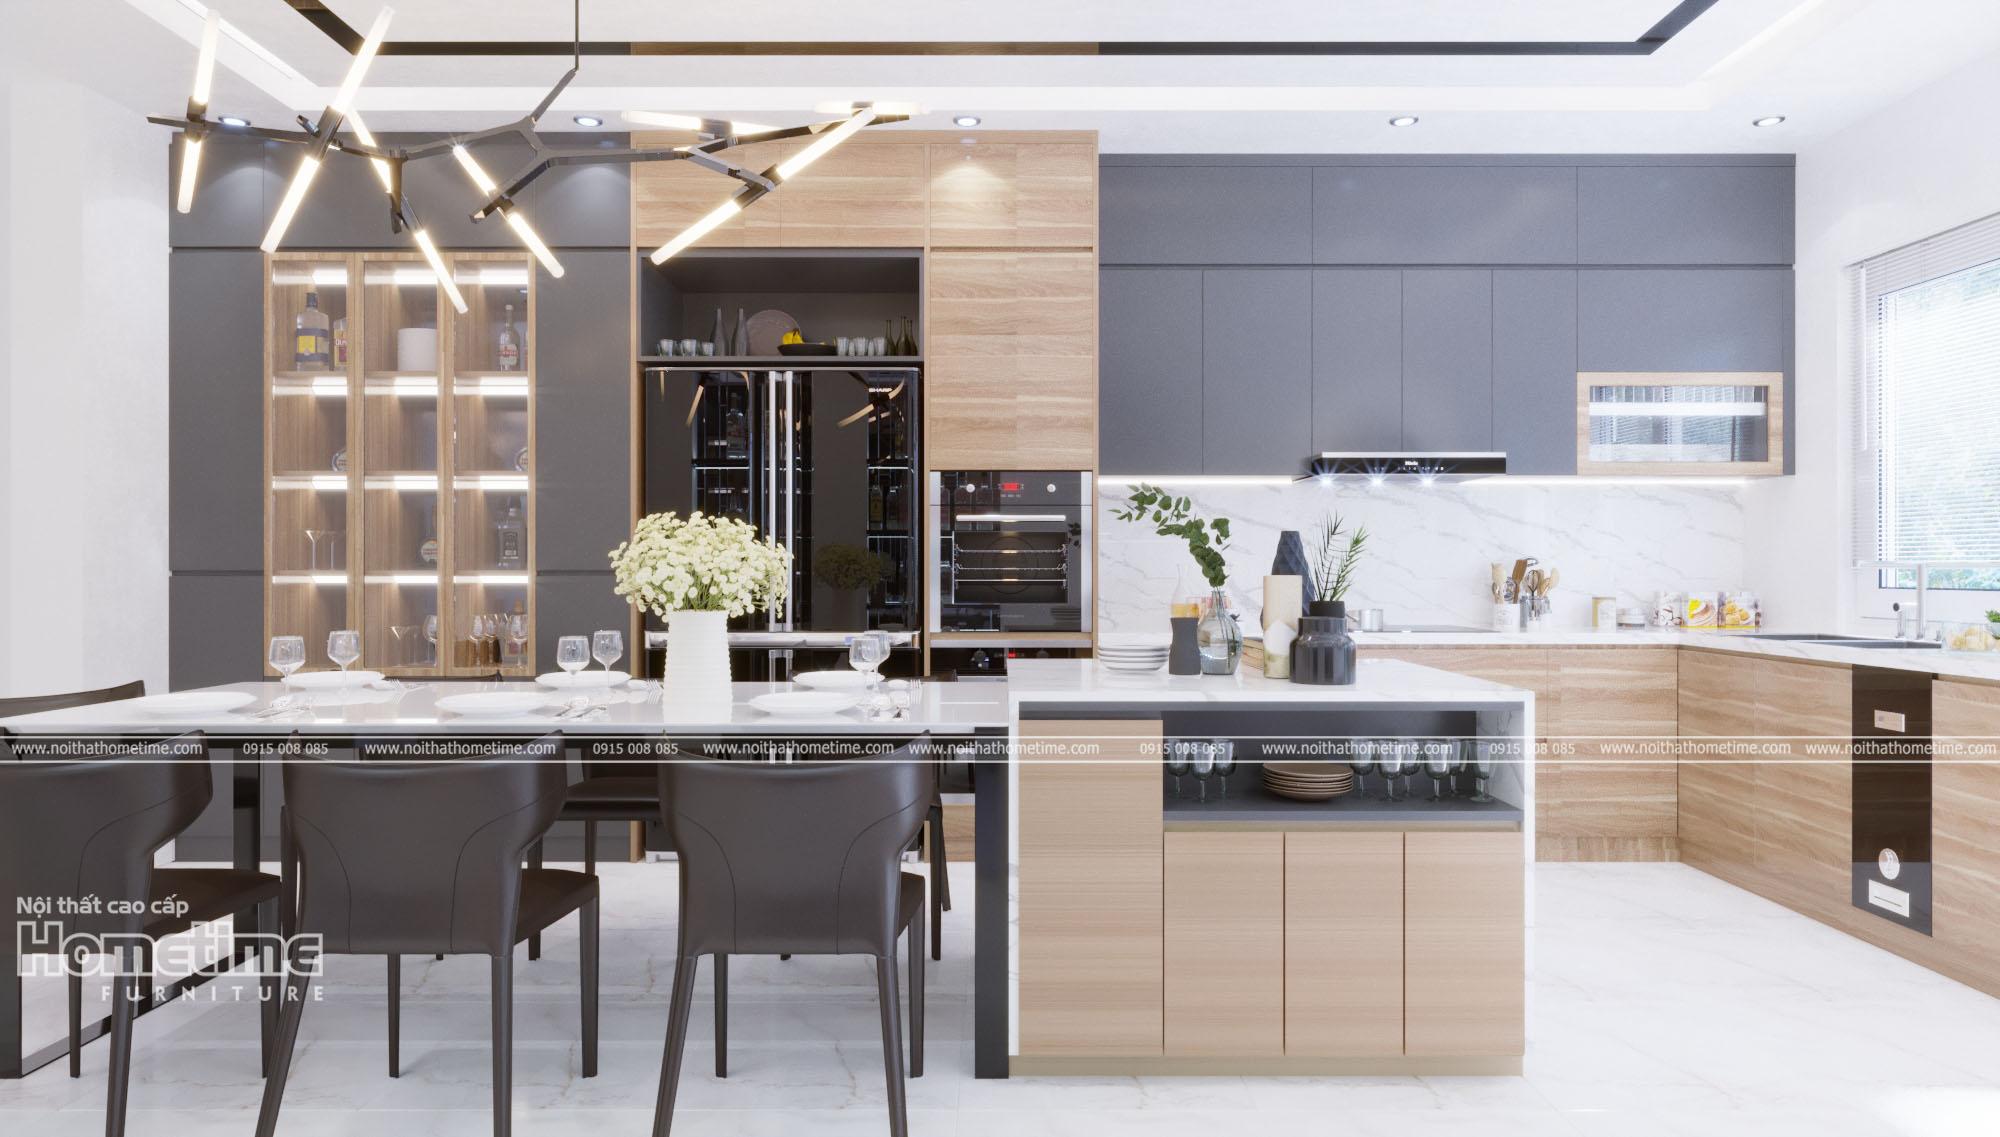 Thiết kế các mẫu tủ bếp đẹp hiện đại tại Hải Phòng